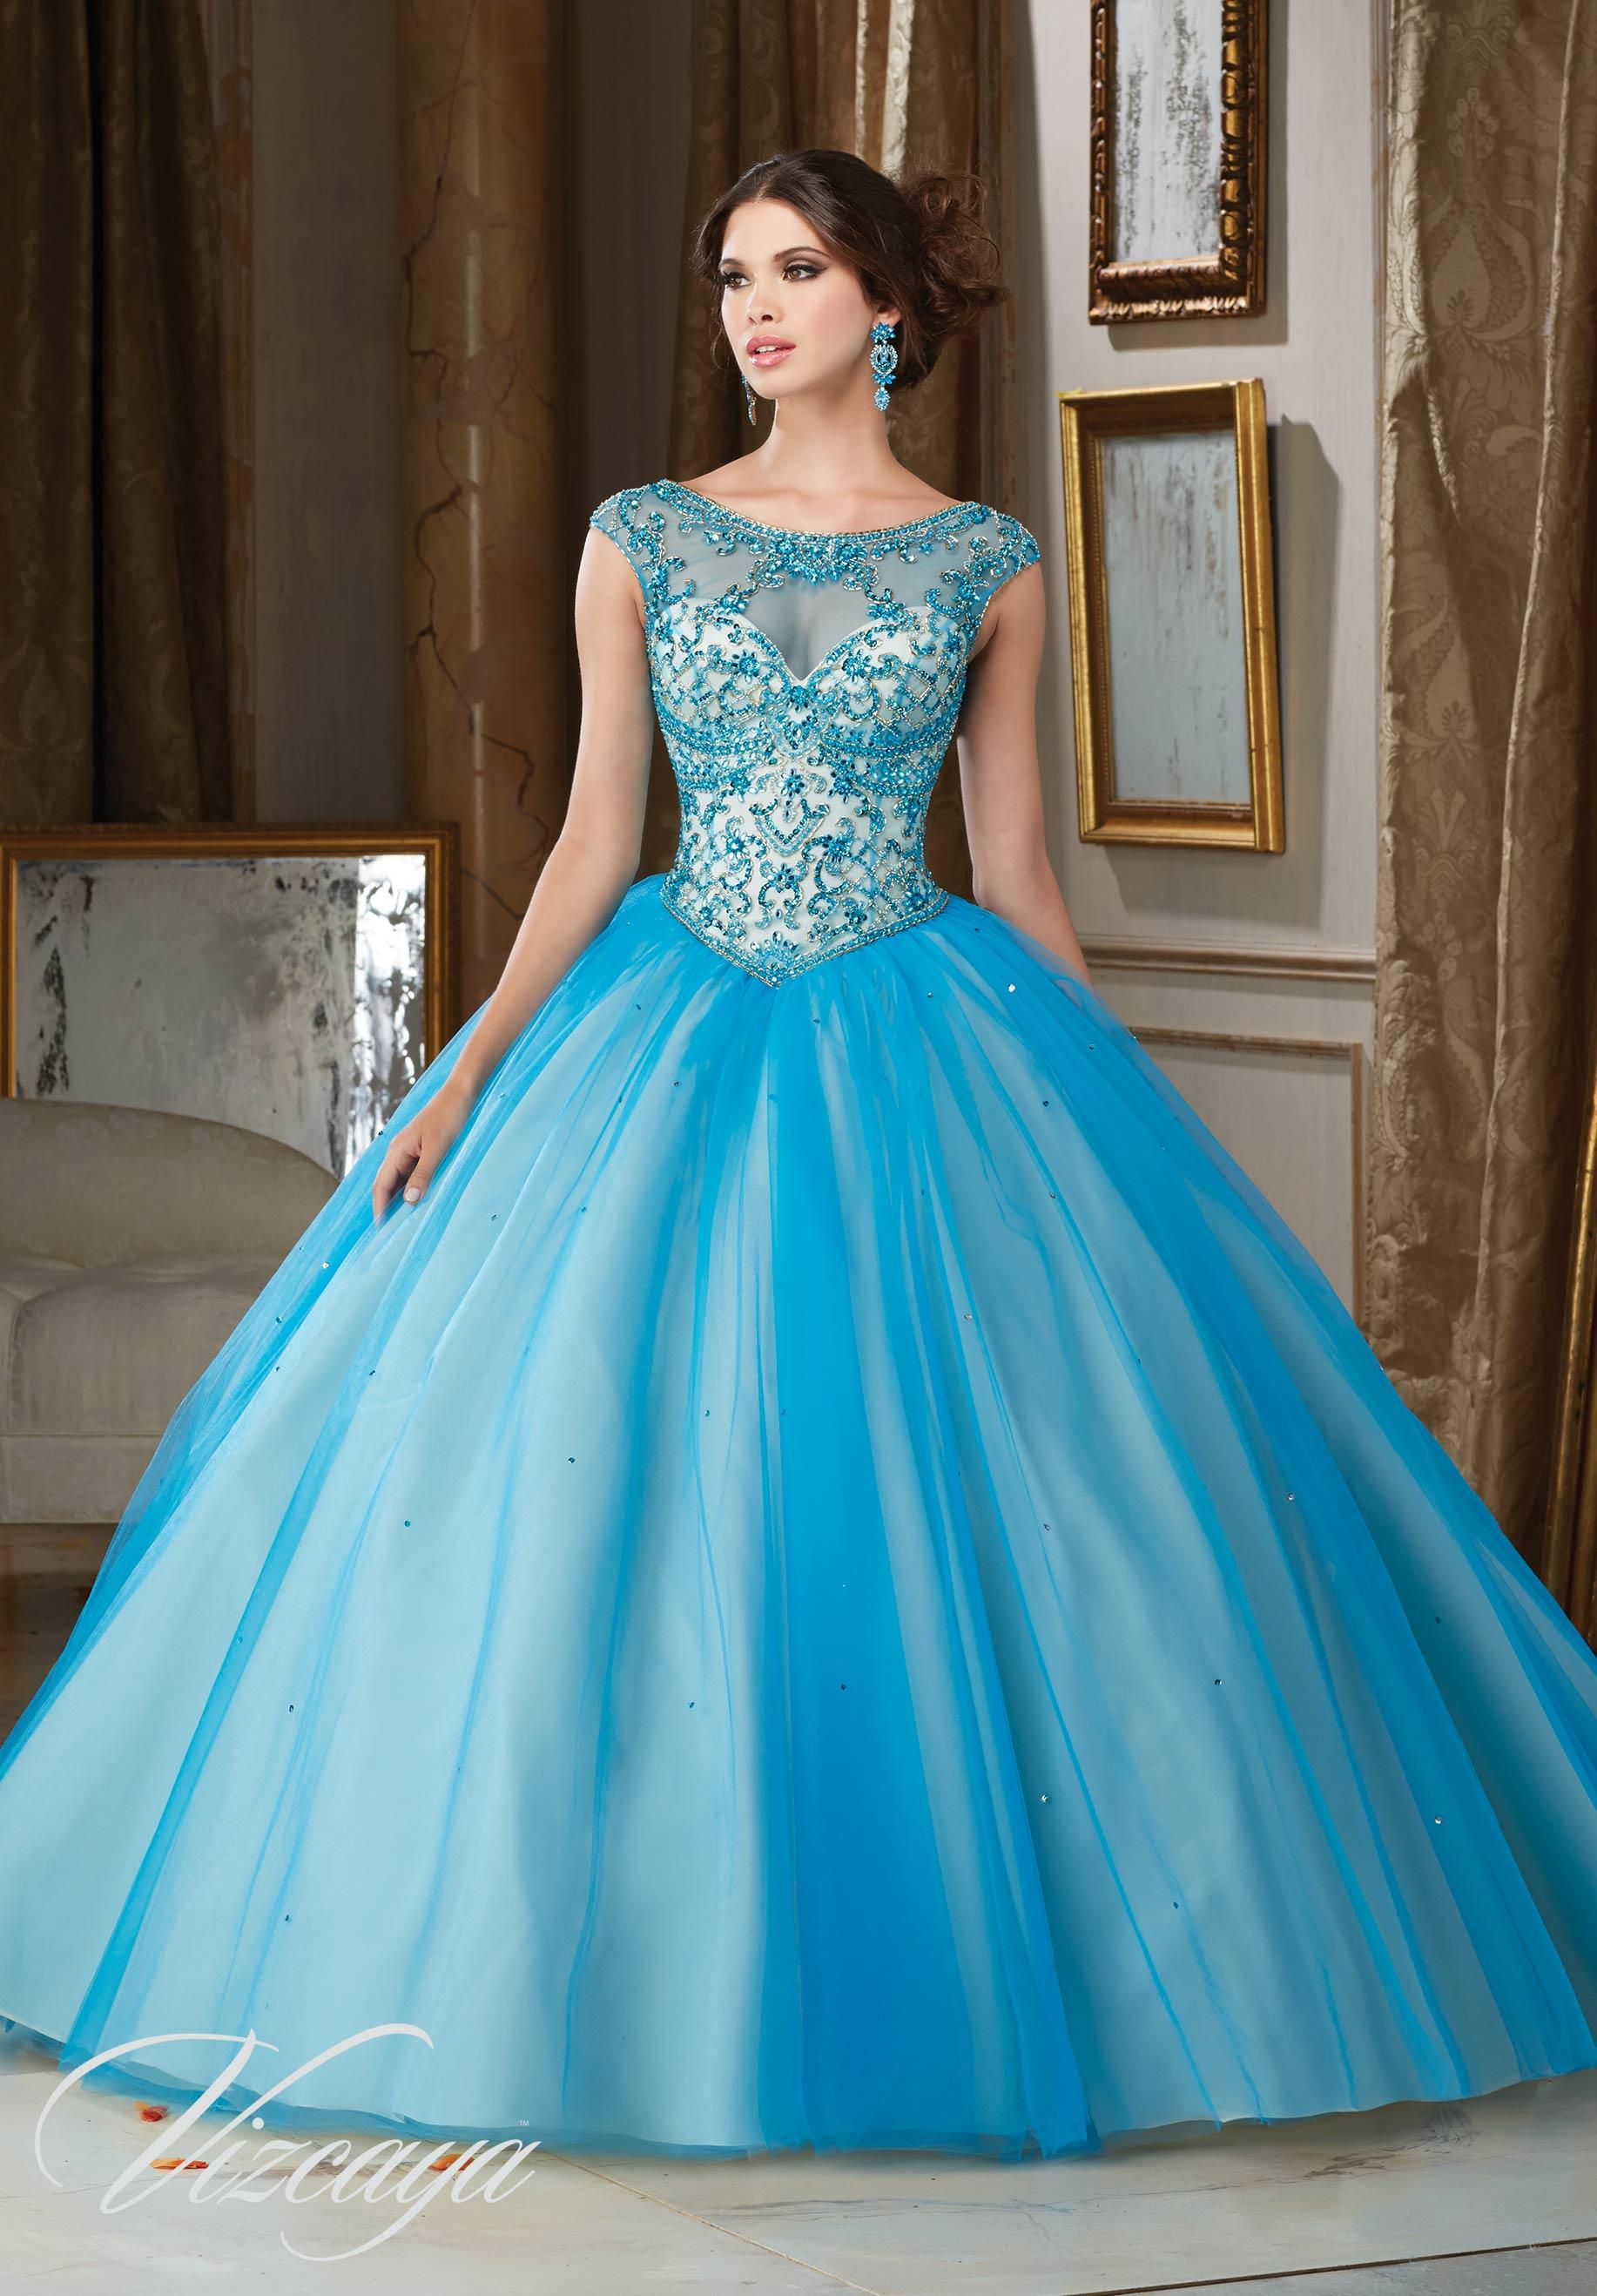 Elegancia Bridal Austin | Quinceanera Dresses, Prom Dresses, Bridal ...